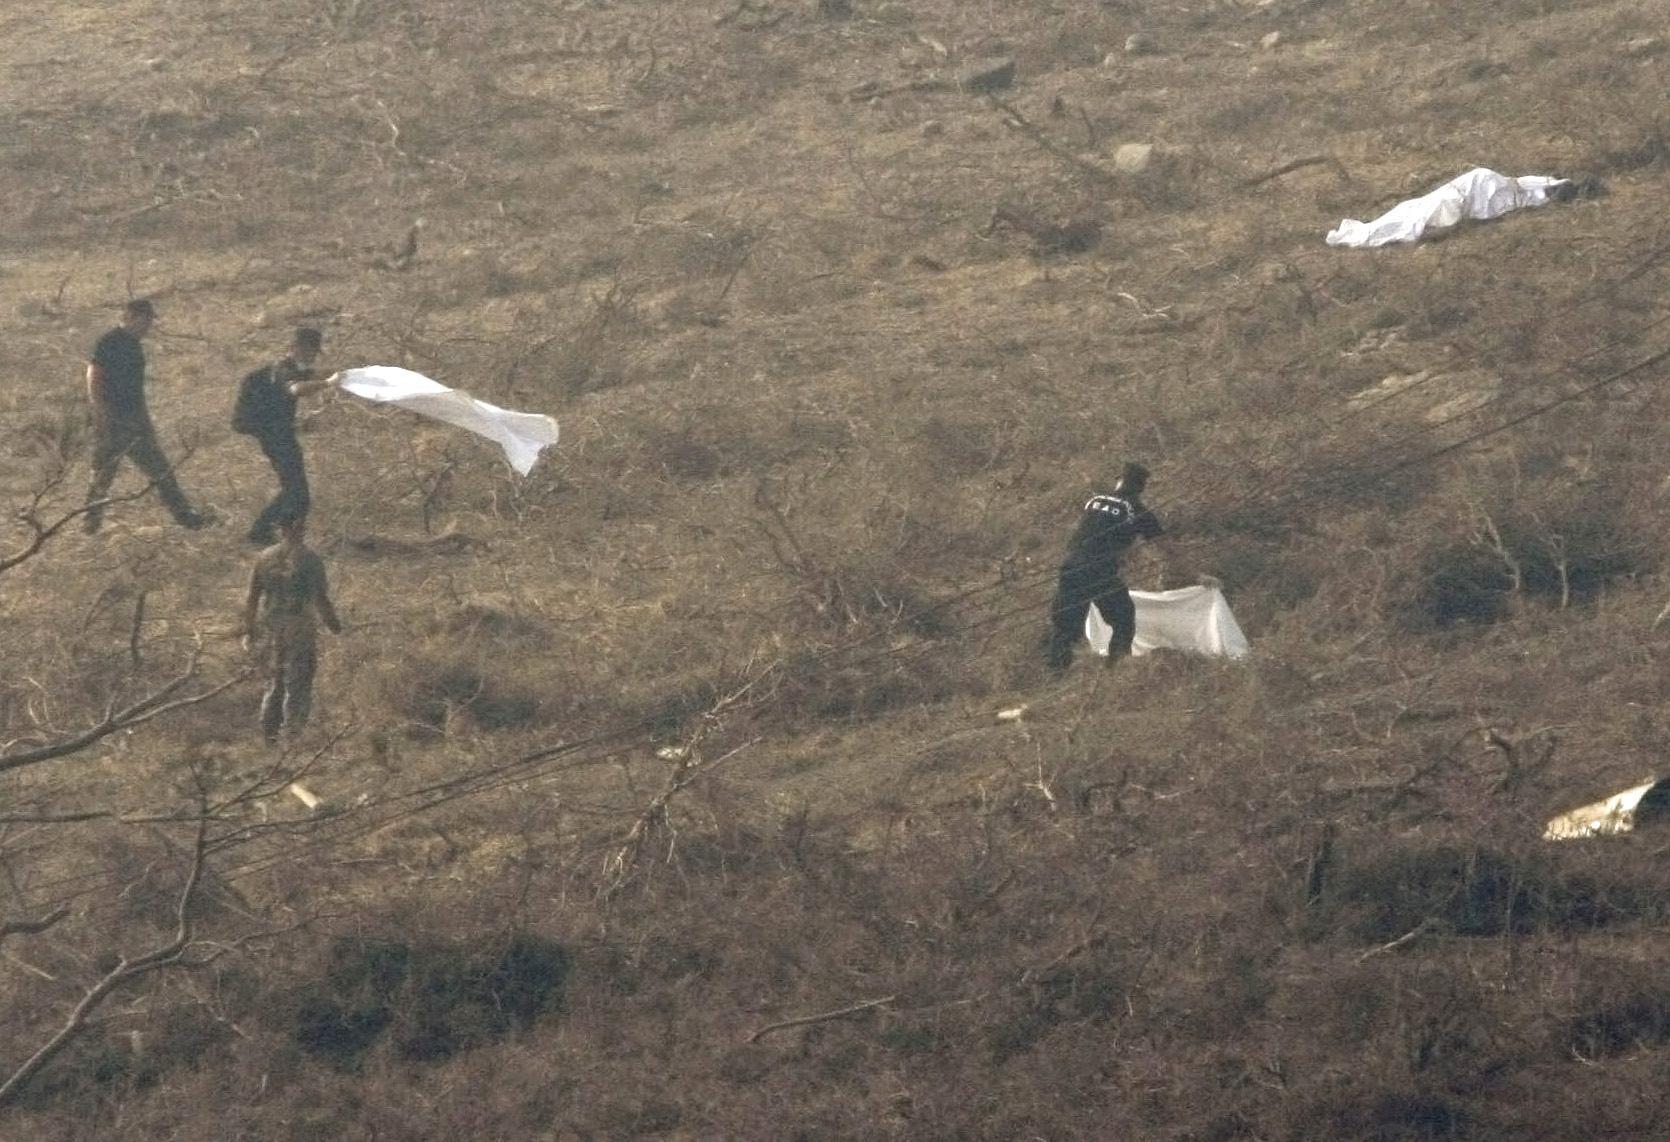 Άνδρες της ΕΜΑΚ σκεπάζουν πτώματα που έχουν εκσφενδονιστεί στο απέναντι βουνό.